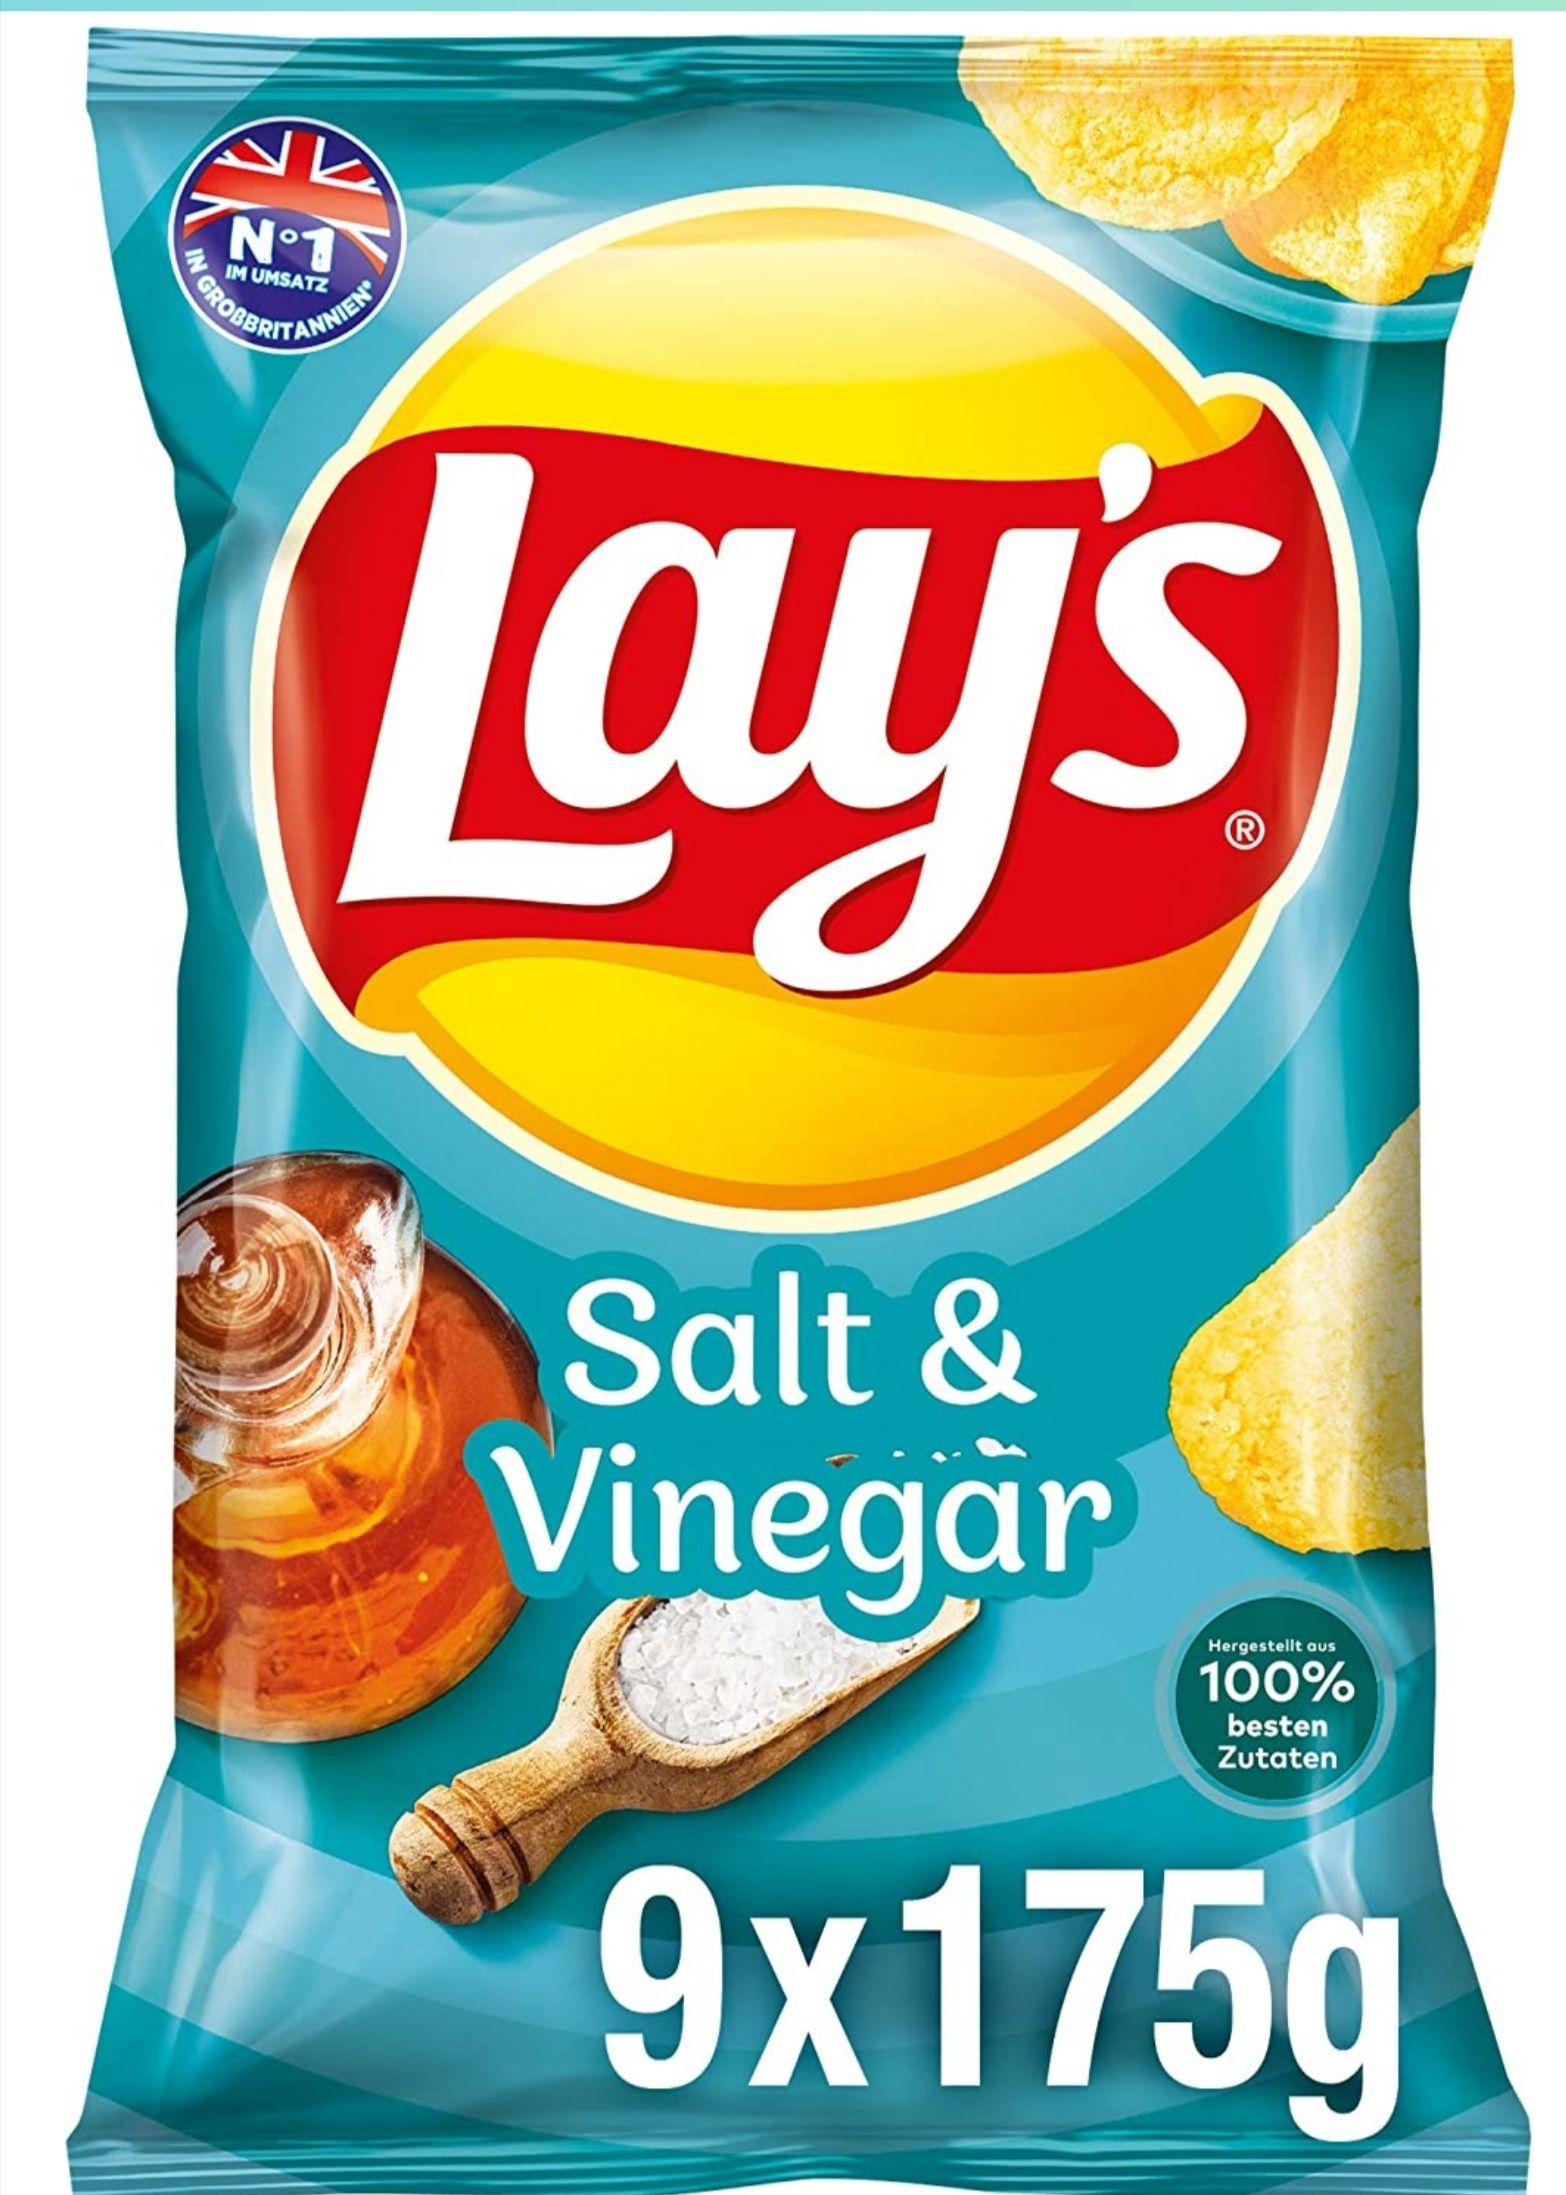 [Amazon Sparabo] Lay's Chips mehrere Sorten – Knusprig gewürzte Kartoffelchips für eine gelungene Party – 9 x 175g